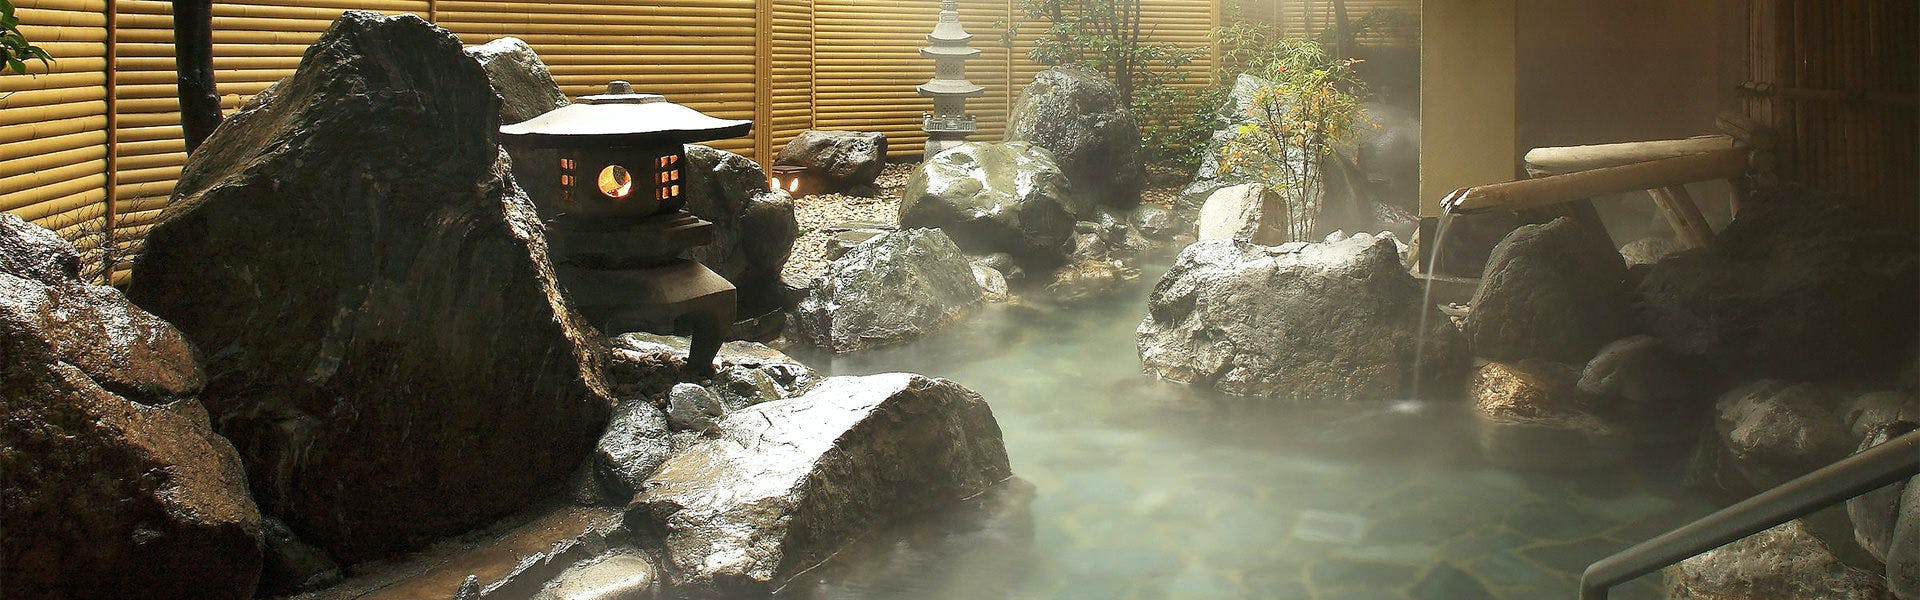 記念日におすすめのホテル・華やぎの章 慶山の写真1